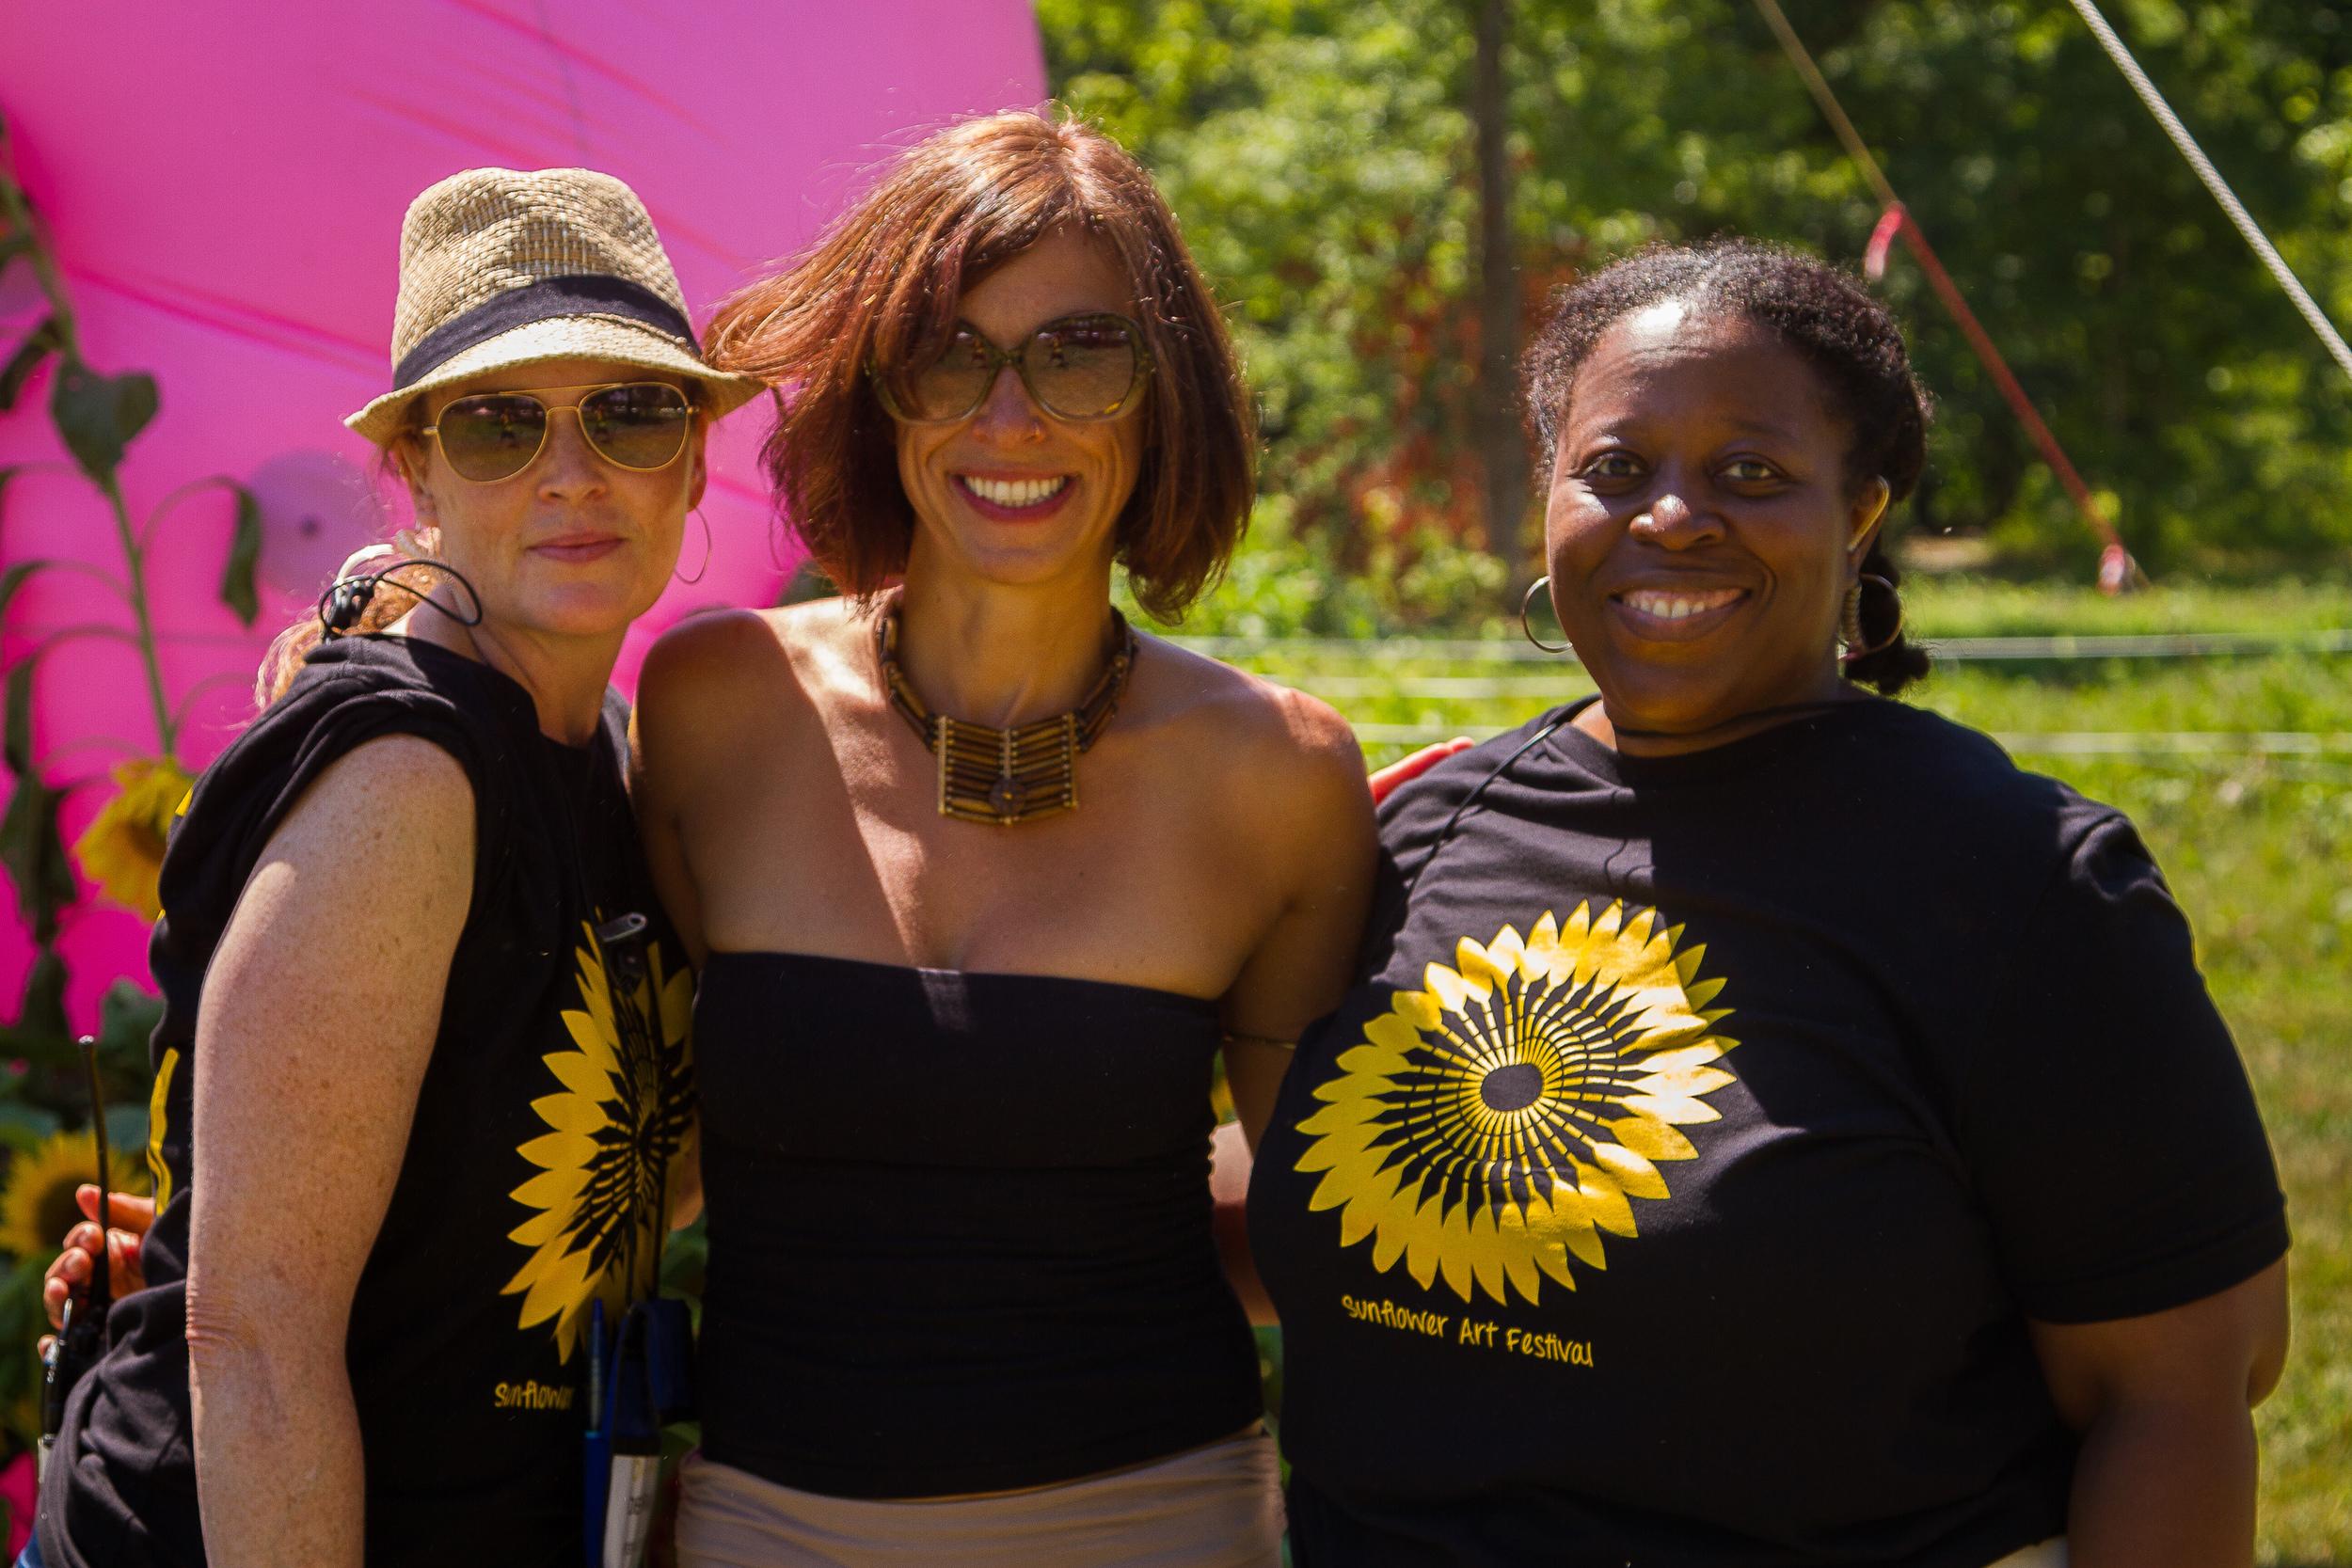 Sunflower_Art_Fest_CodyBuesing-25.jpg